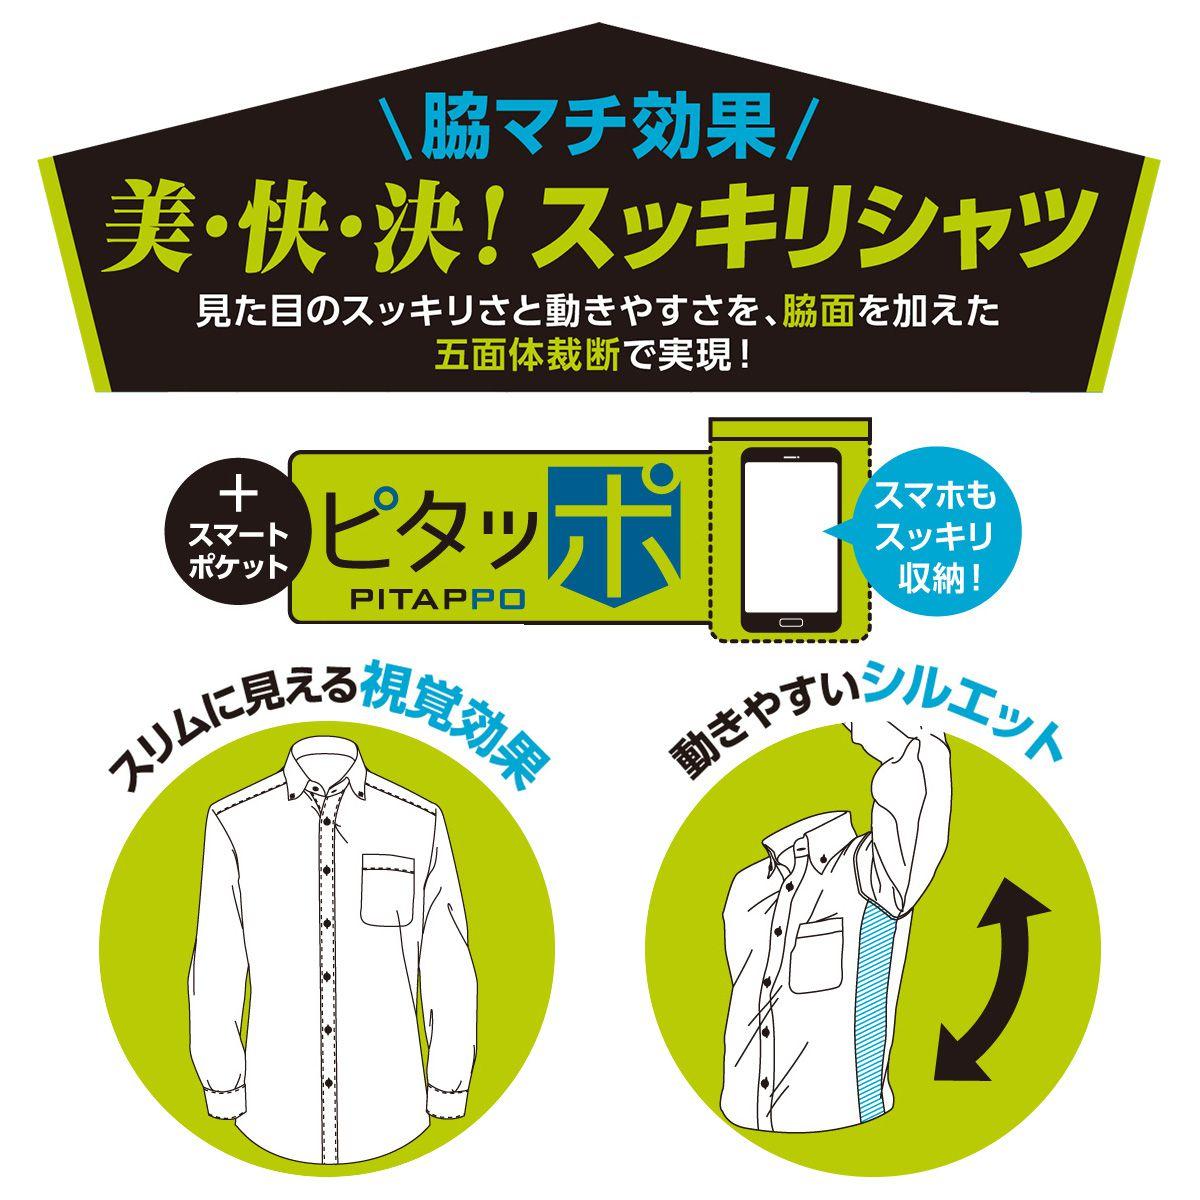 ピタッポ・形態安定 ワイド ワイシャツ 長袖 【altblow classic】